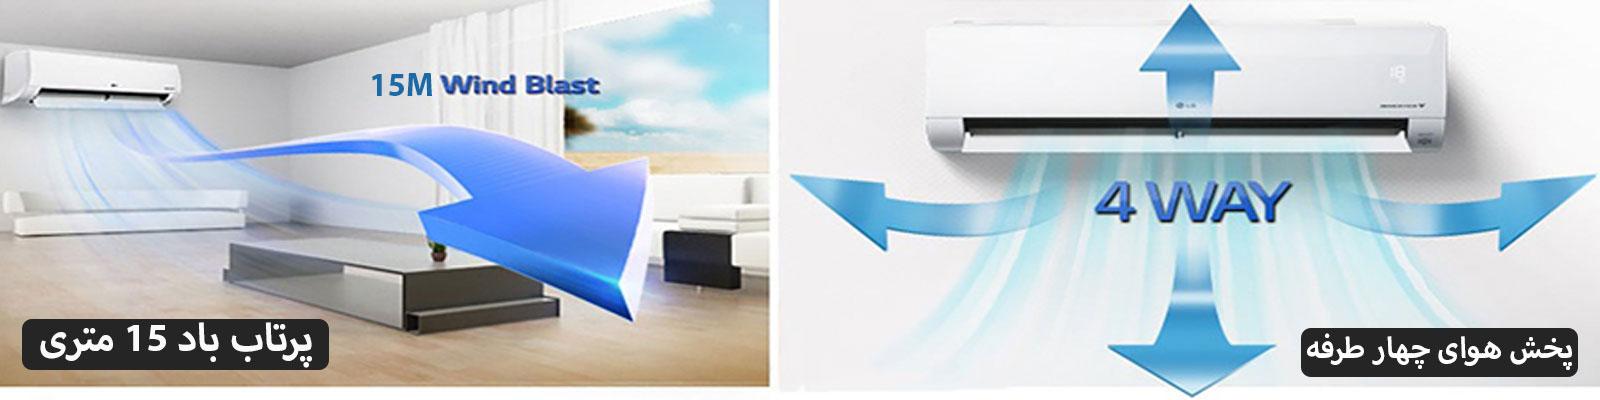 پرتاب باد کولر گازی اینورتر ال جی 36000